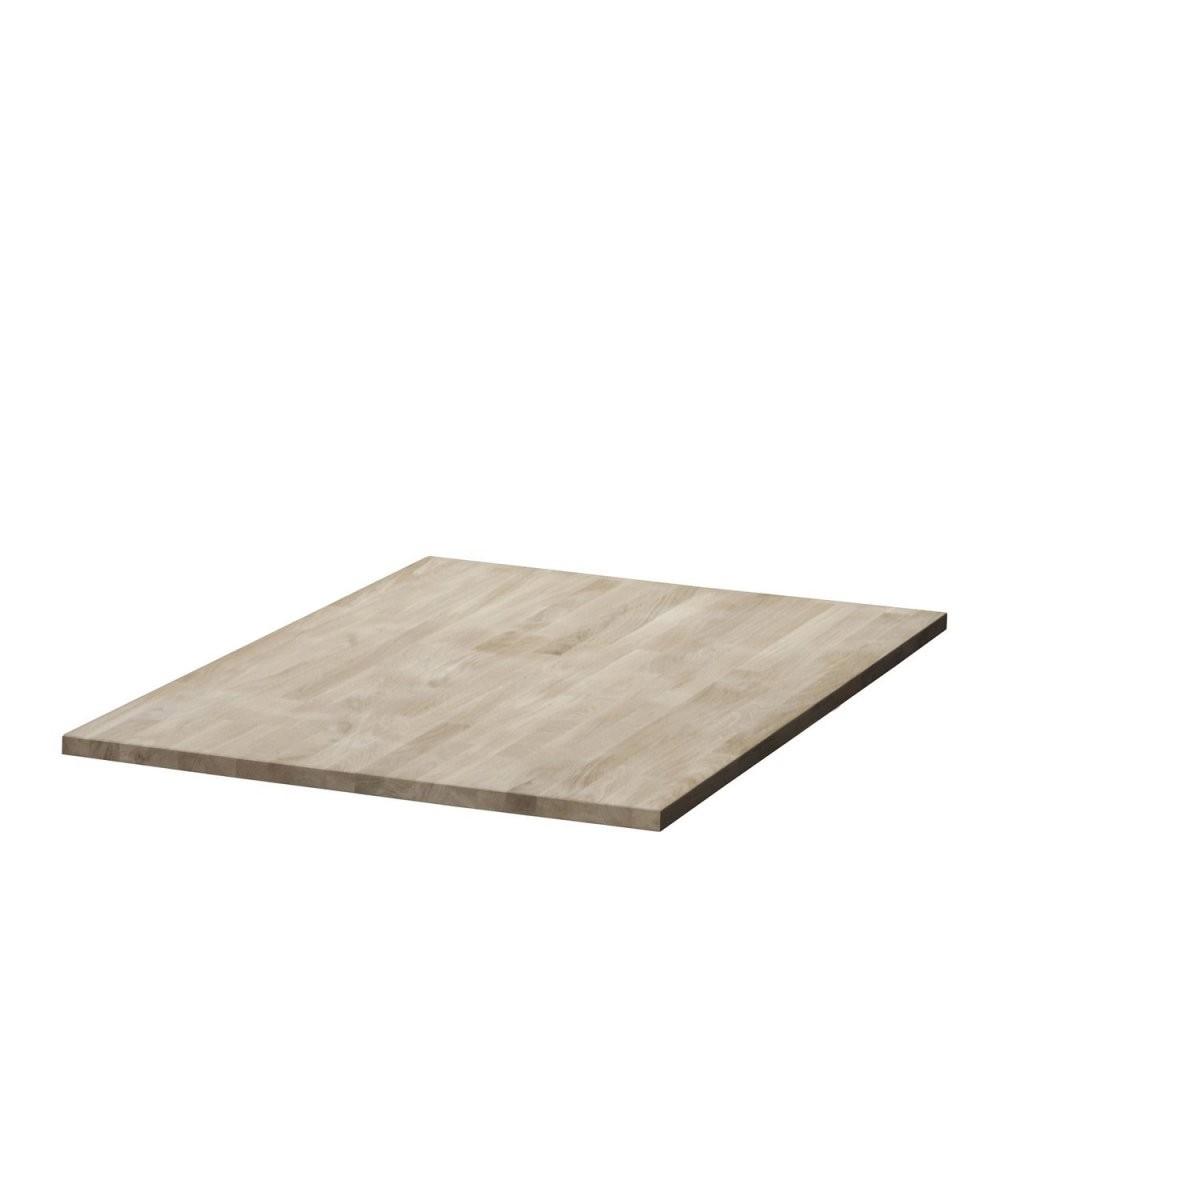 Tischplatte Kaufen Bei Obi von Werzalit Tischplatte Nach Maß Photo